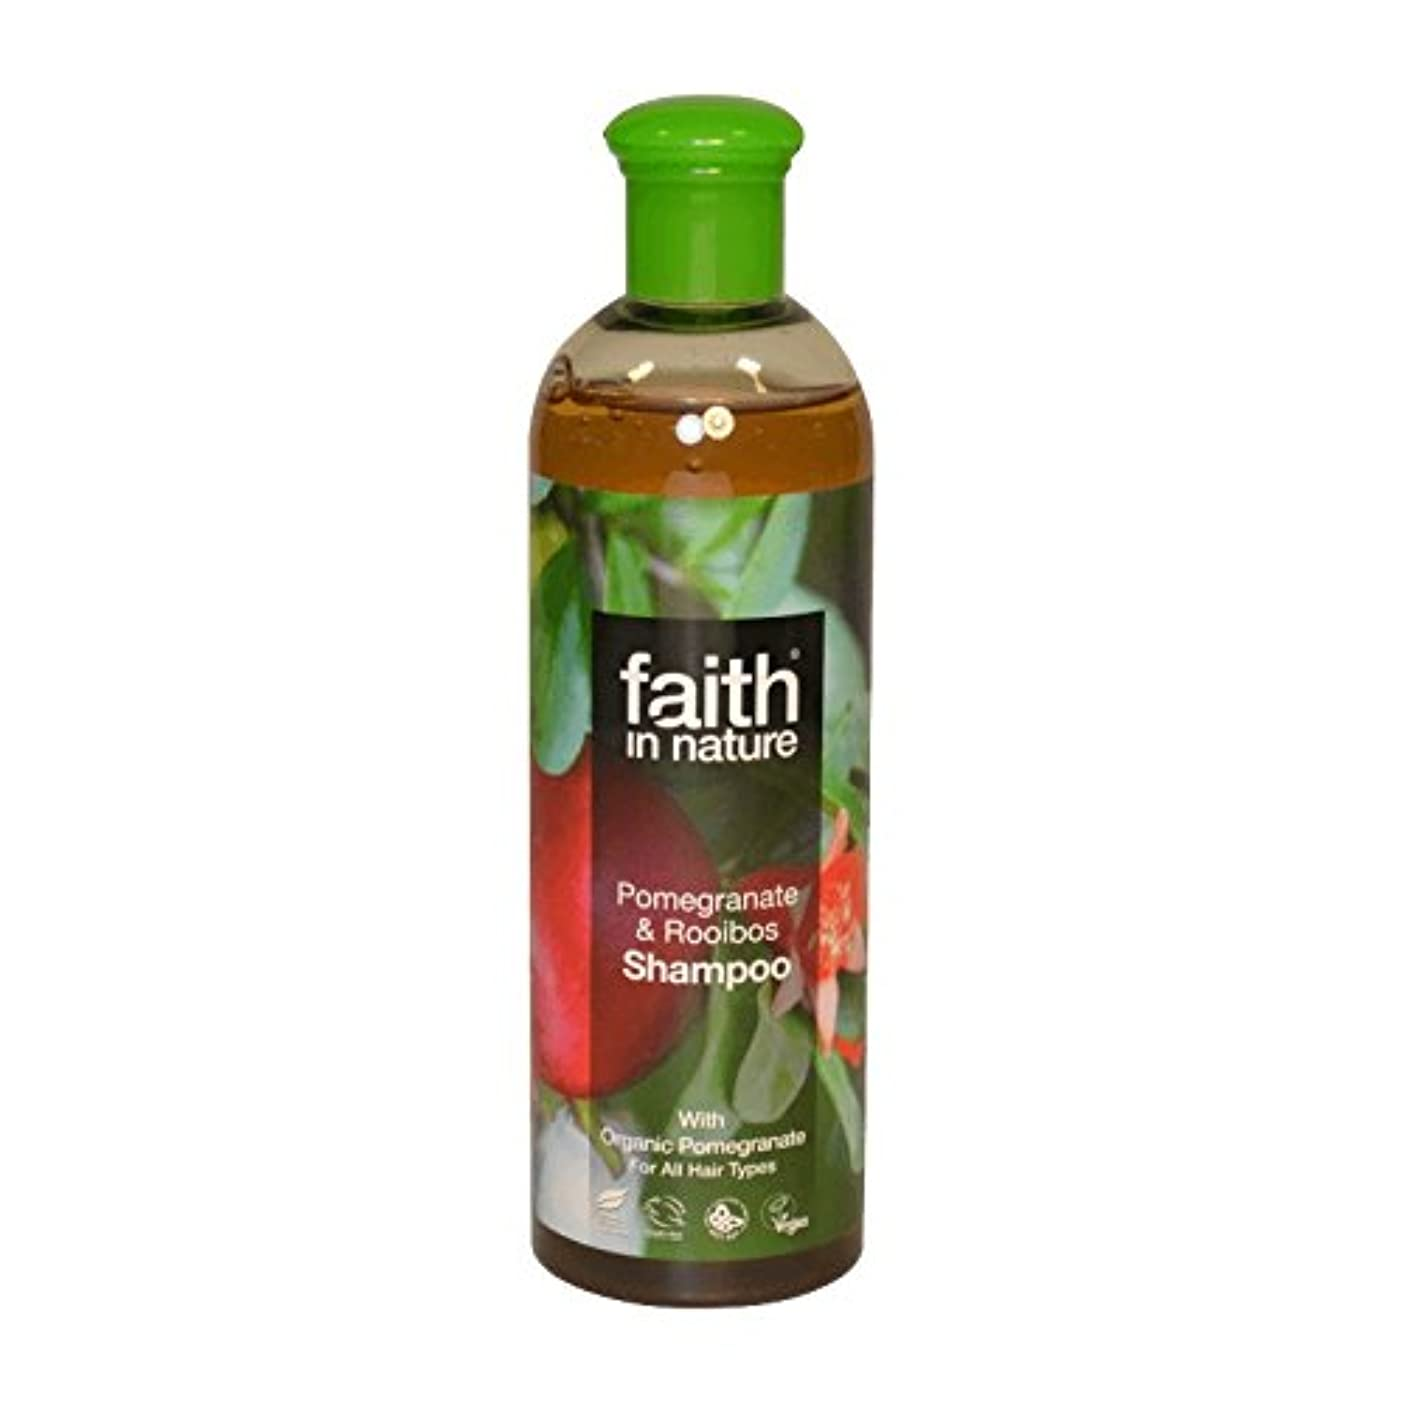 曖昧な肝やむを得ない自然ザクロ&Roobiosシャンプー400ミリリットルの信仰 - Faith in Nature Pomegranate & Roobios Shampoo 400ml (Faith in Nature) [並行輸入品]